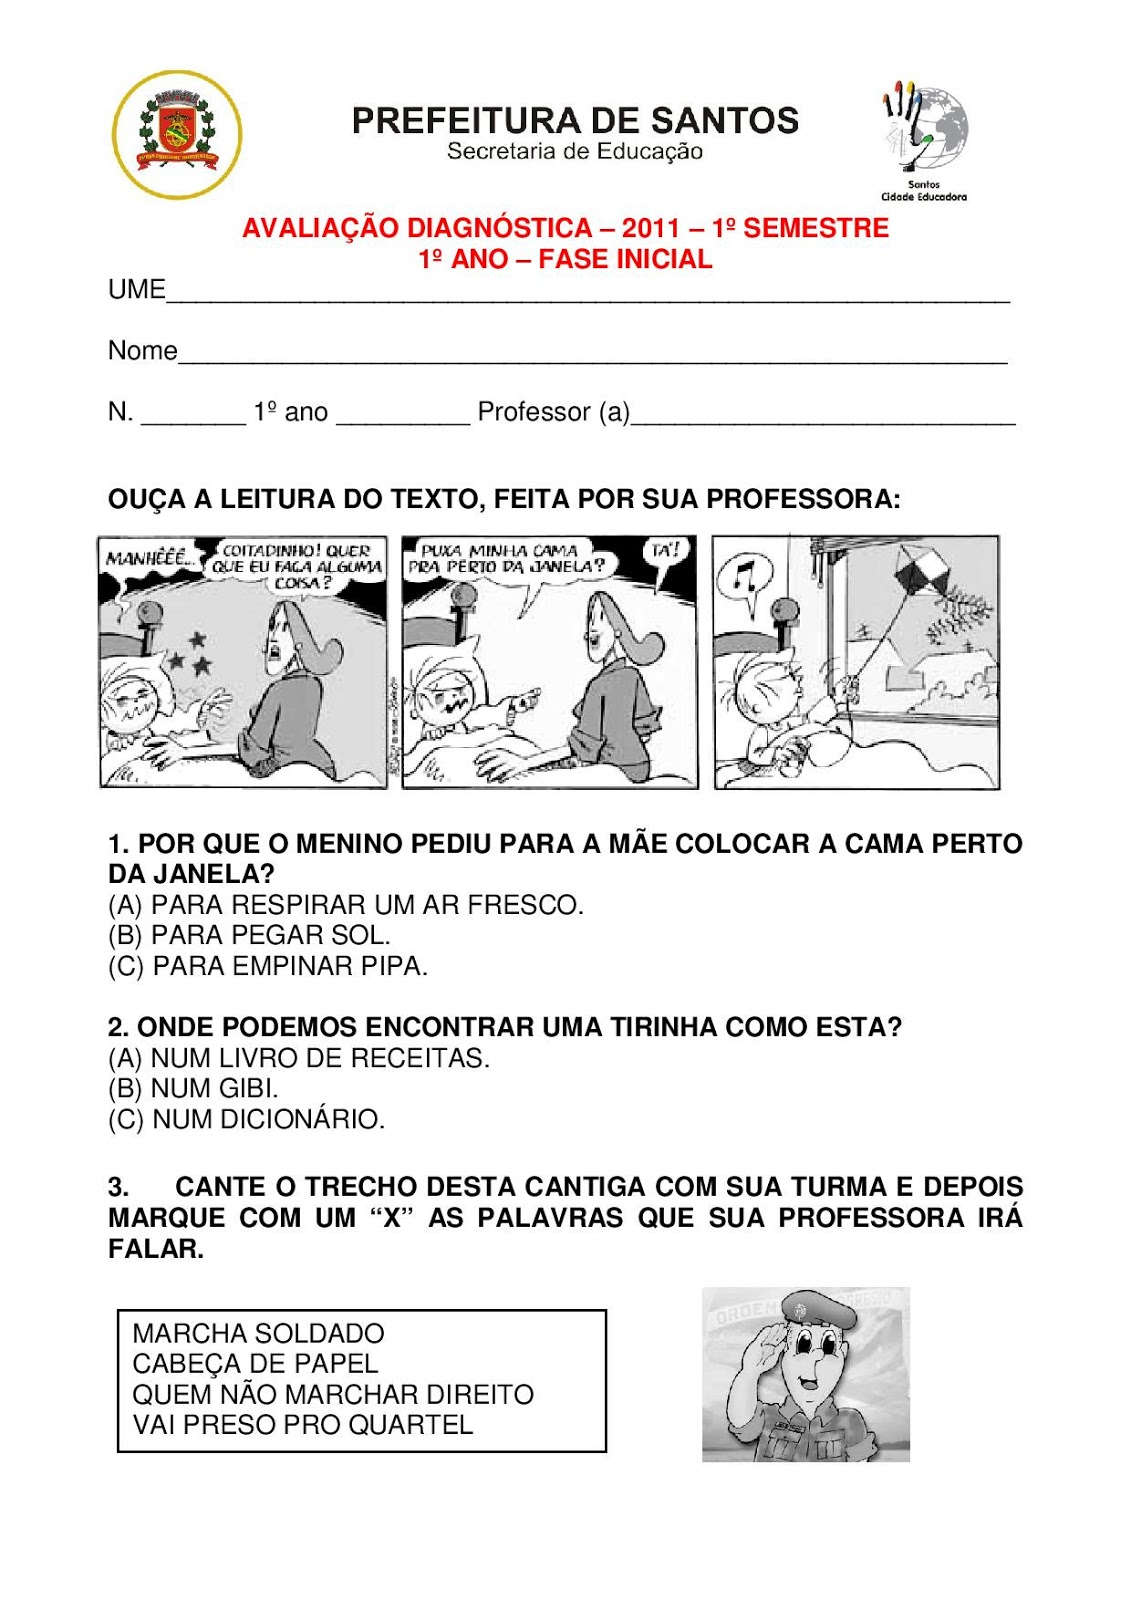 Programa brasileiro de inclusao digital 1b - 3 part 5